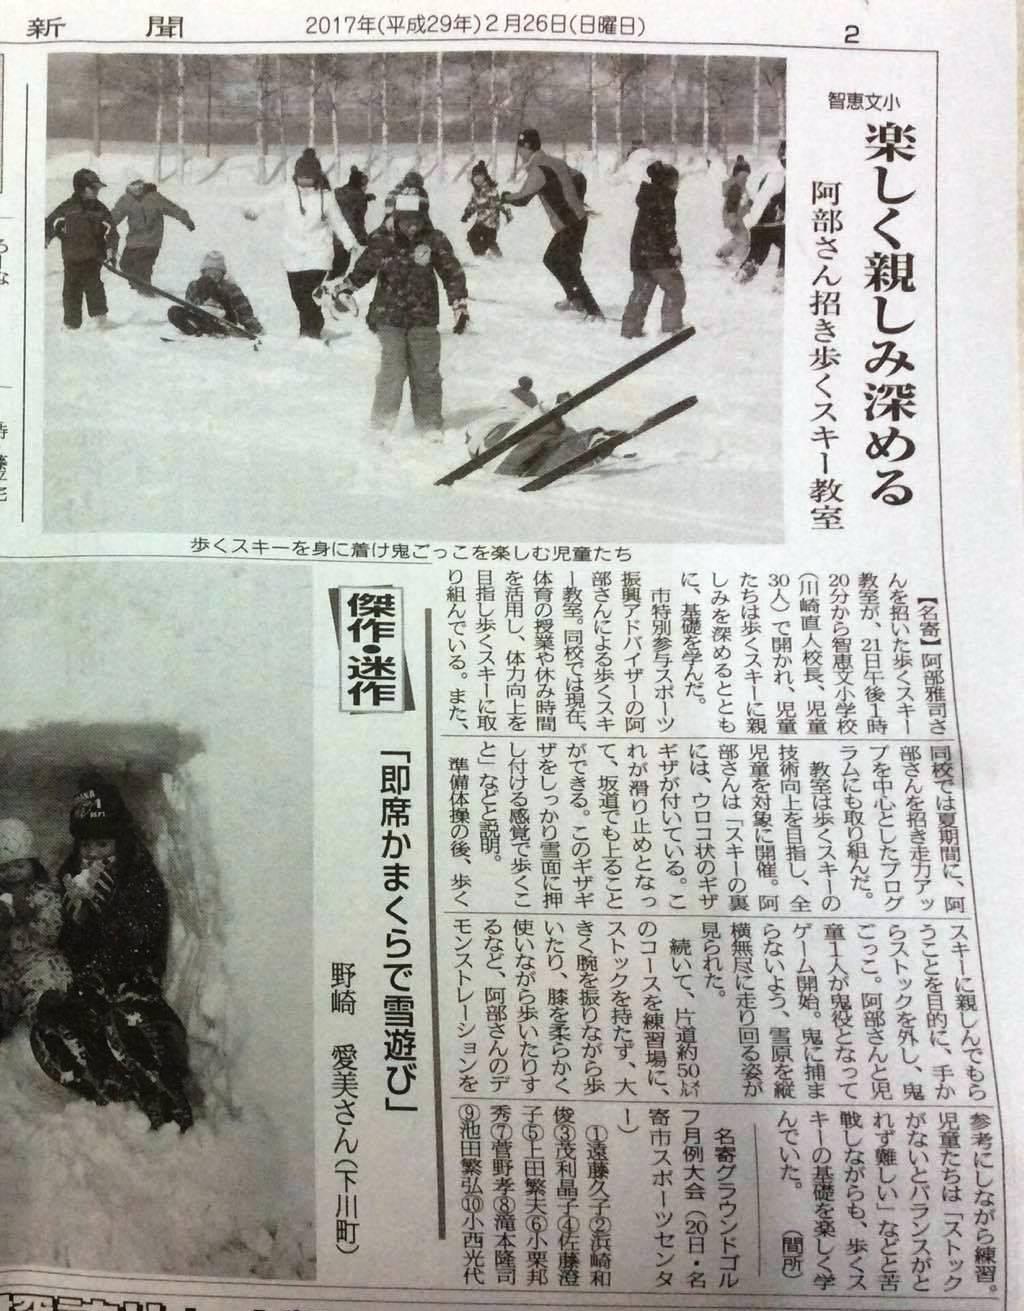 2017.2.21智恵文歩くスキー教室